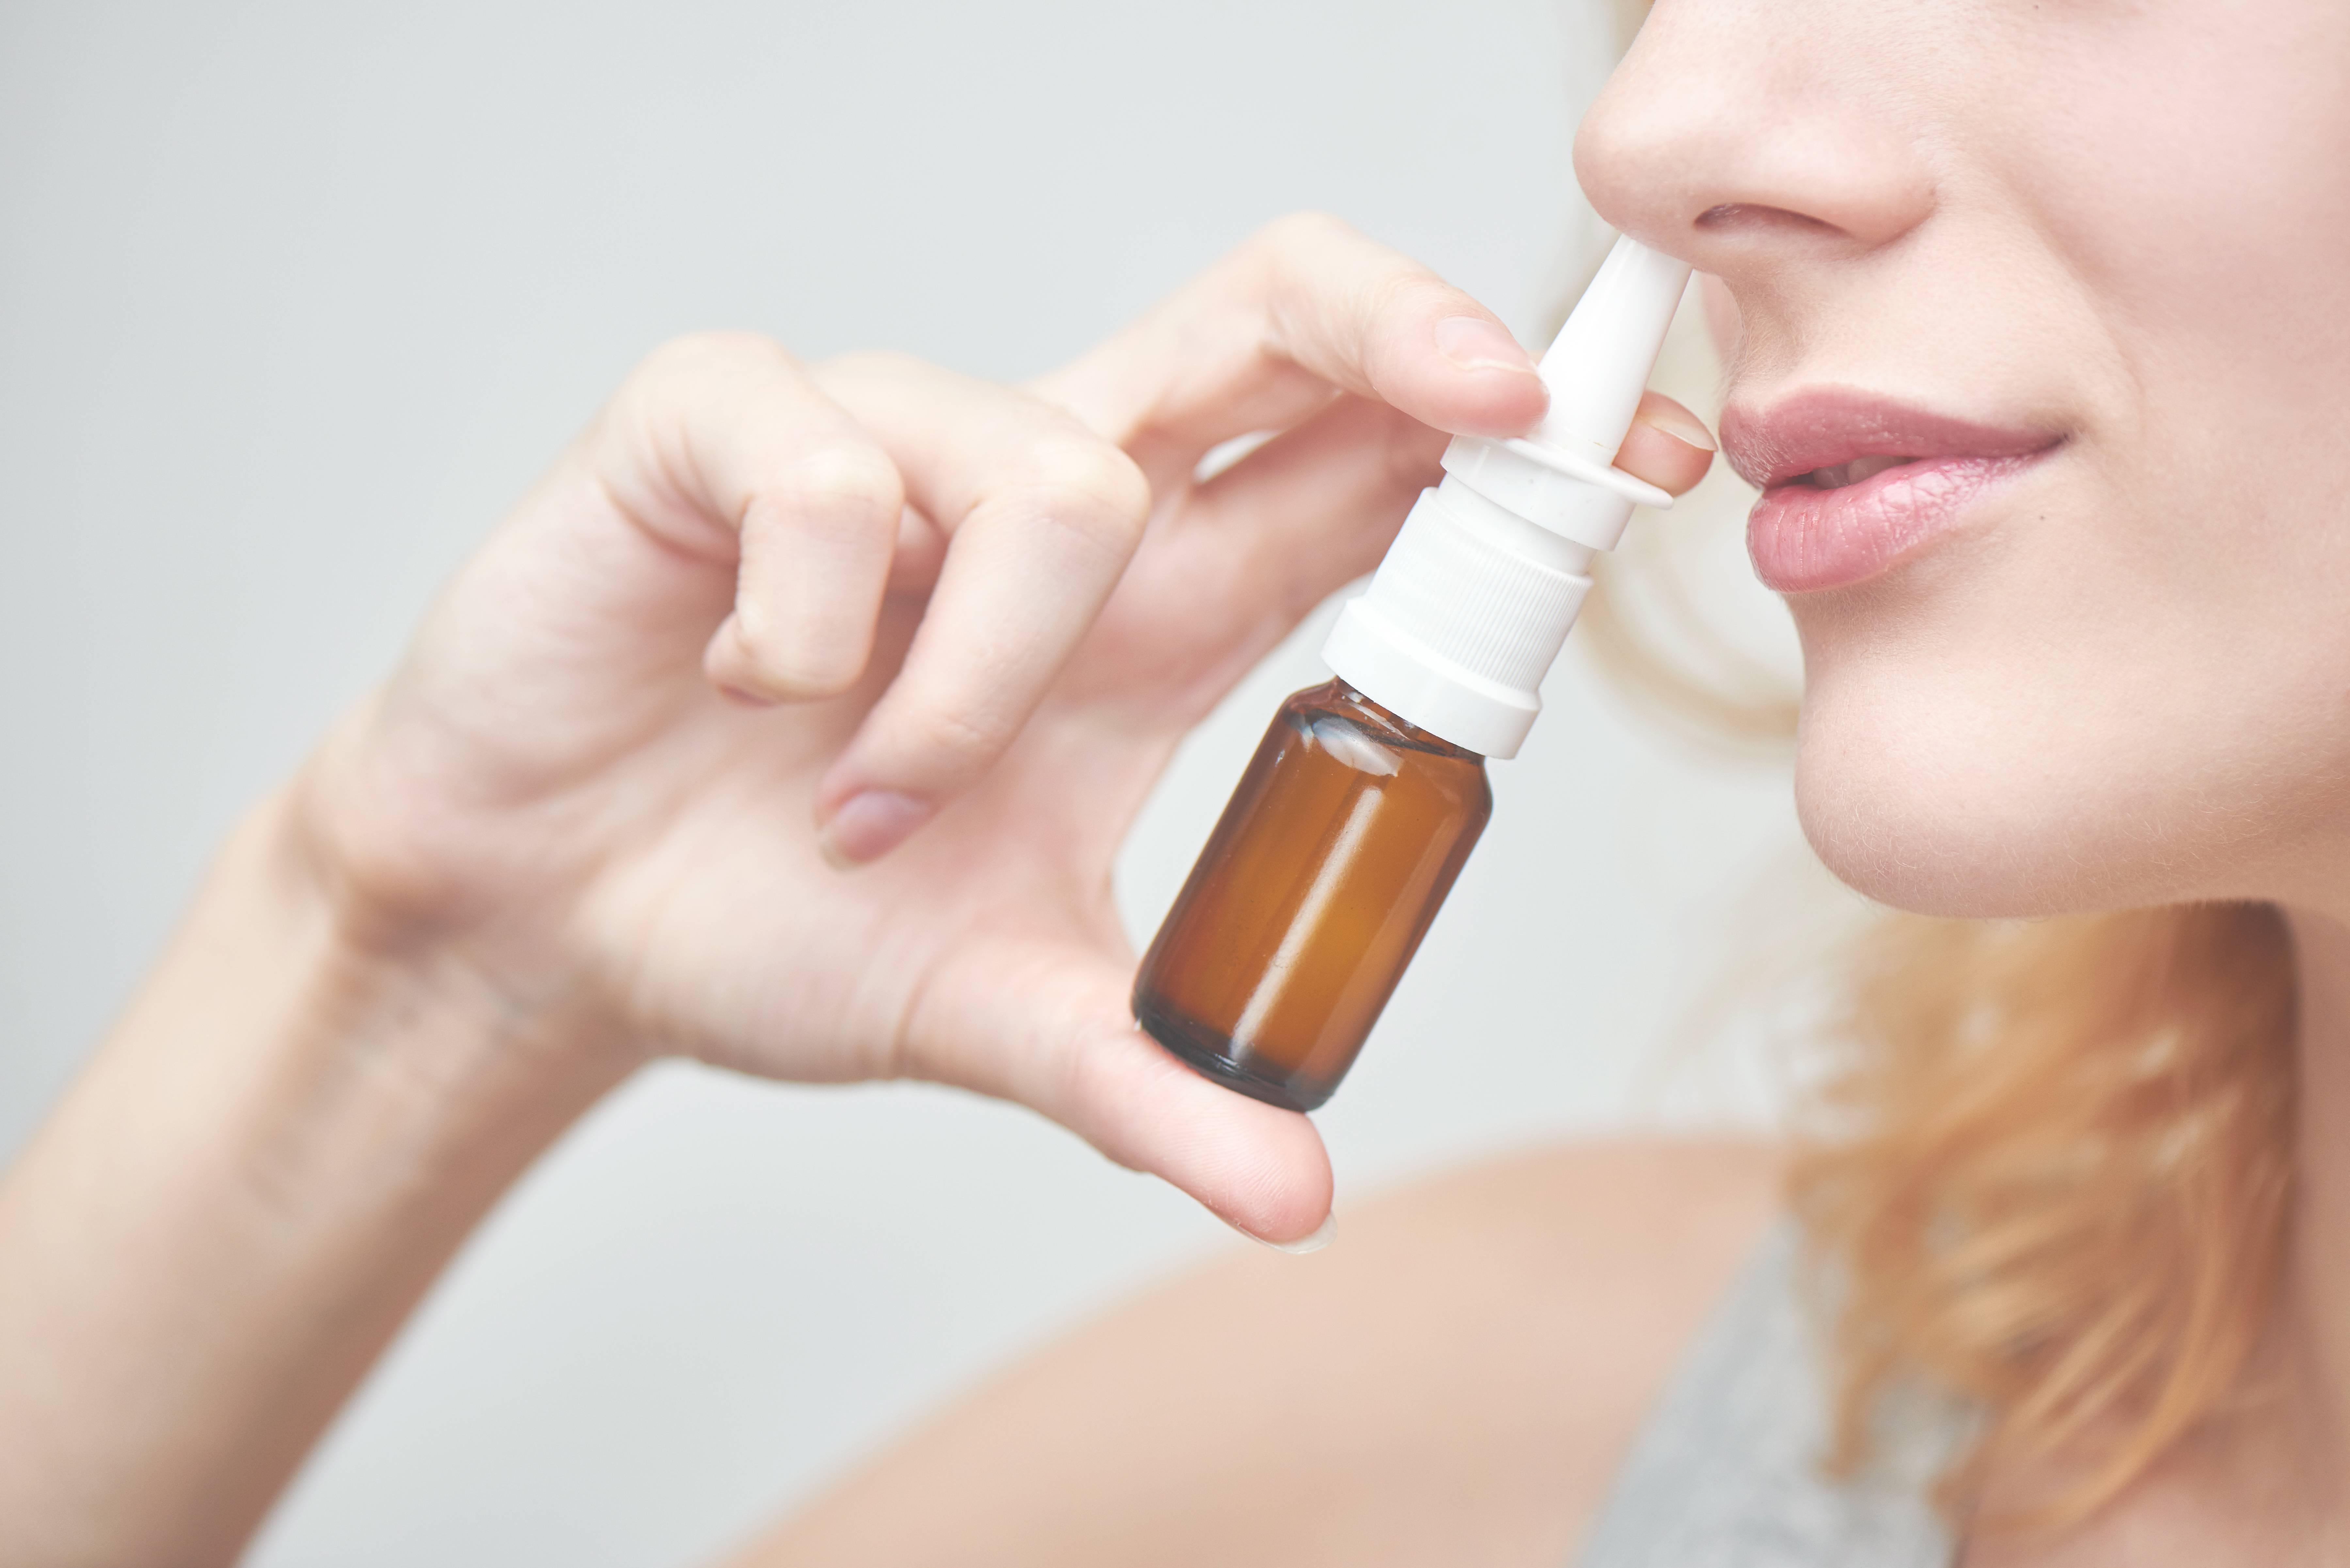 Привыкание к каплям в нос: как избавиться от такой зависимости